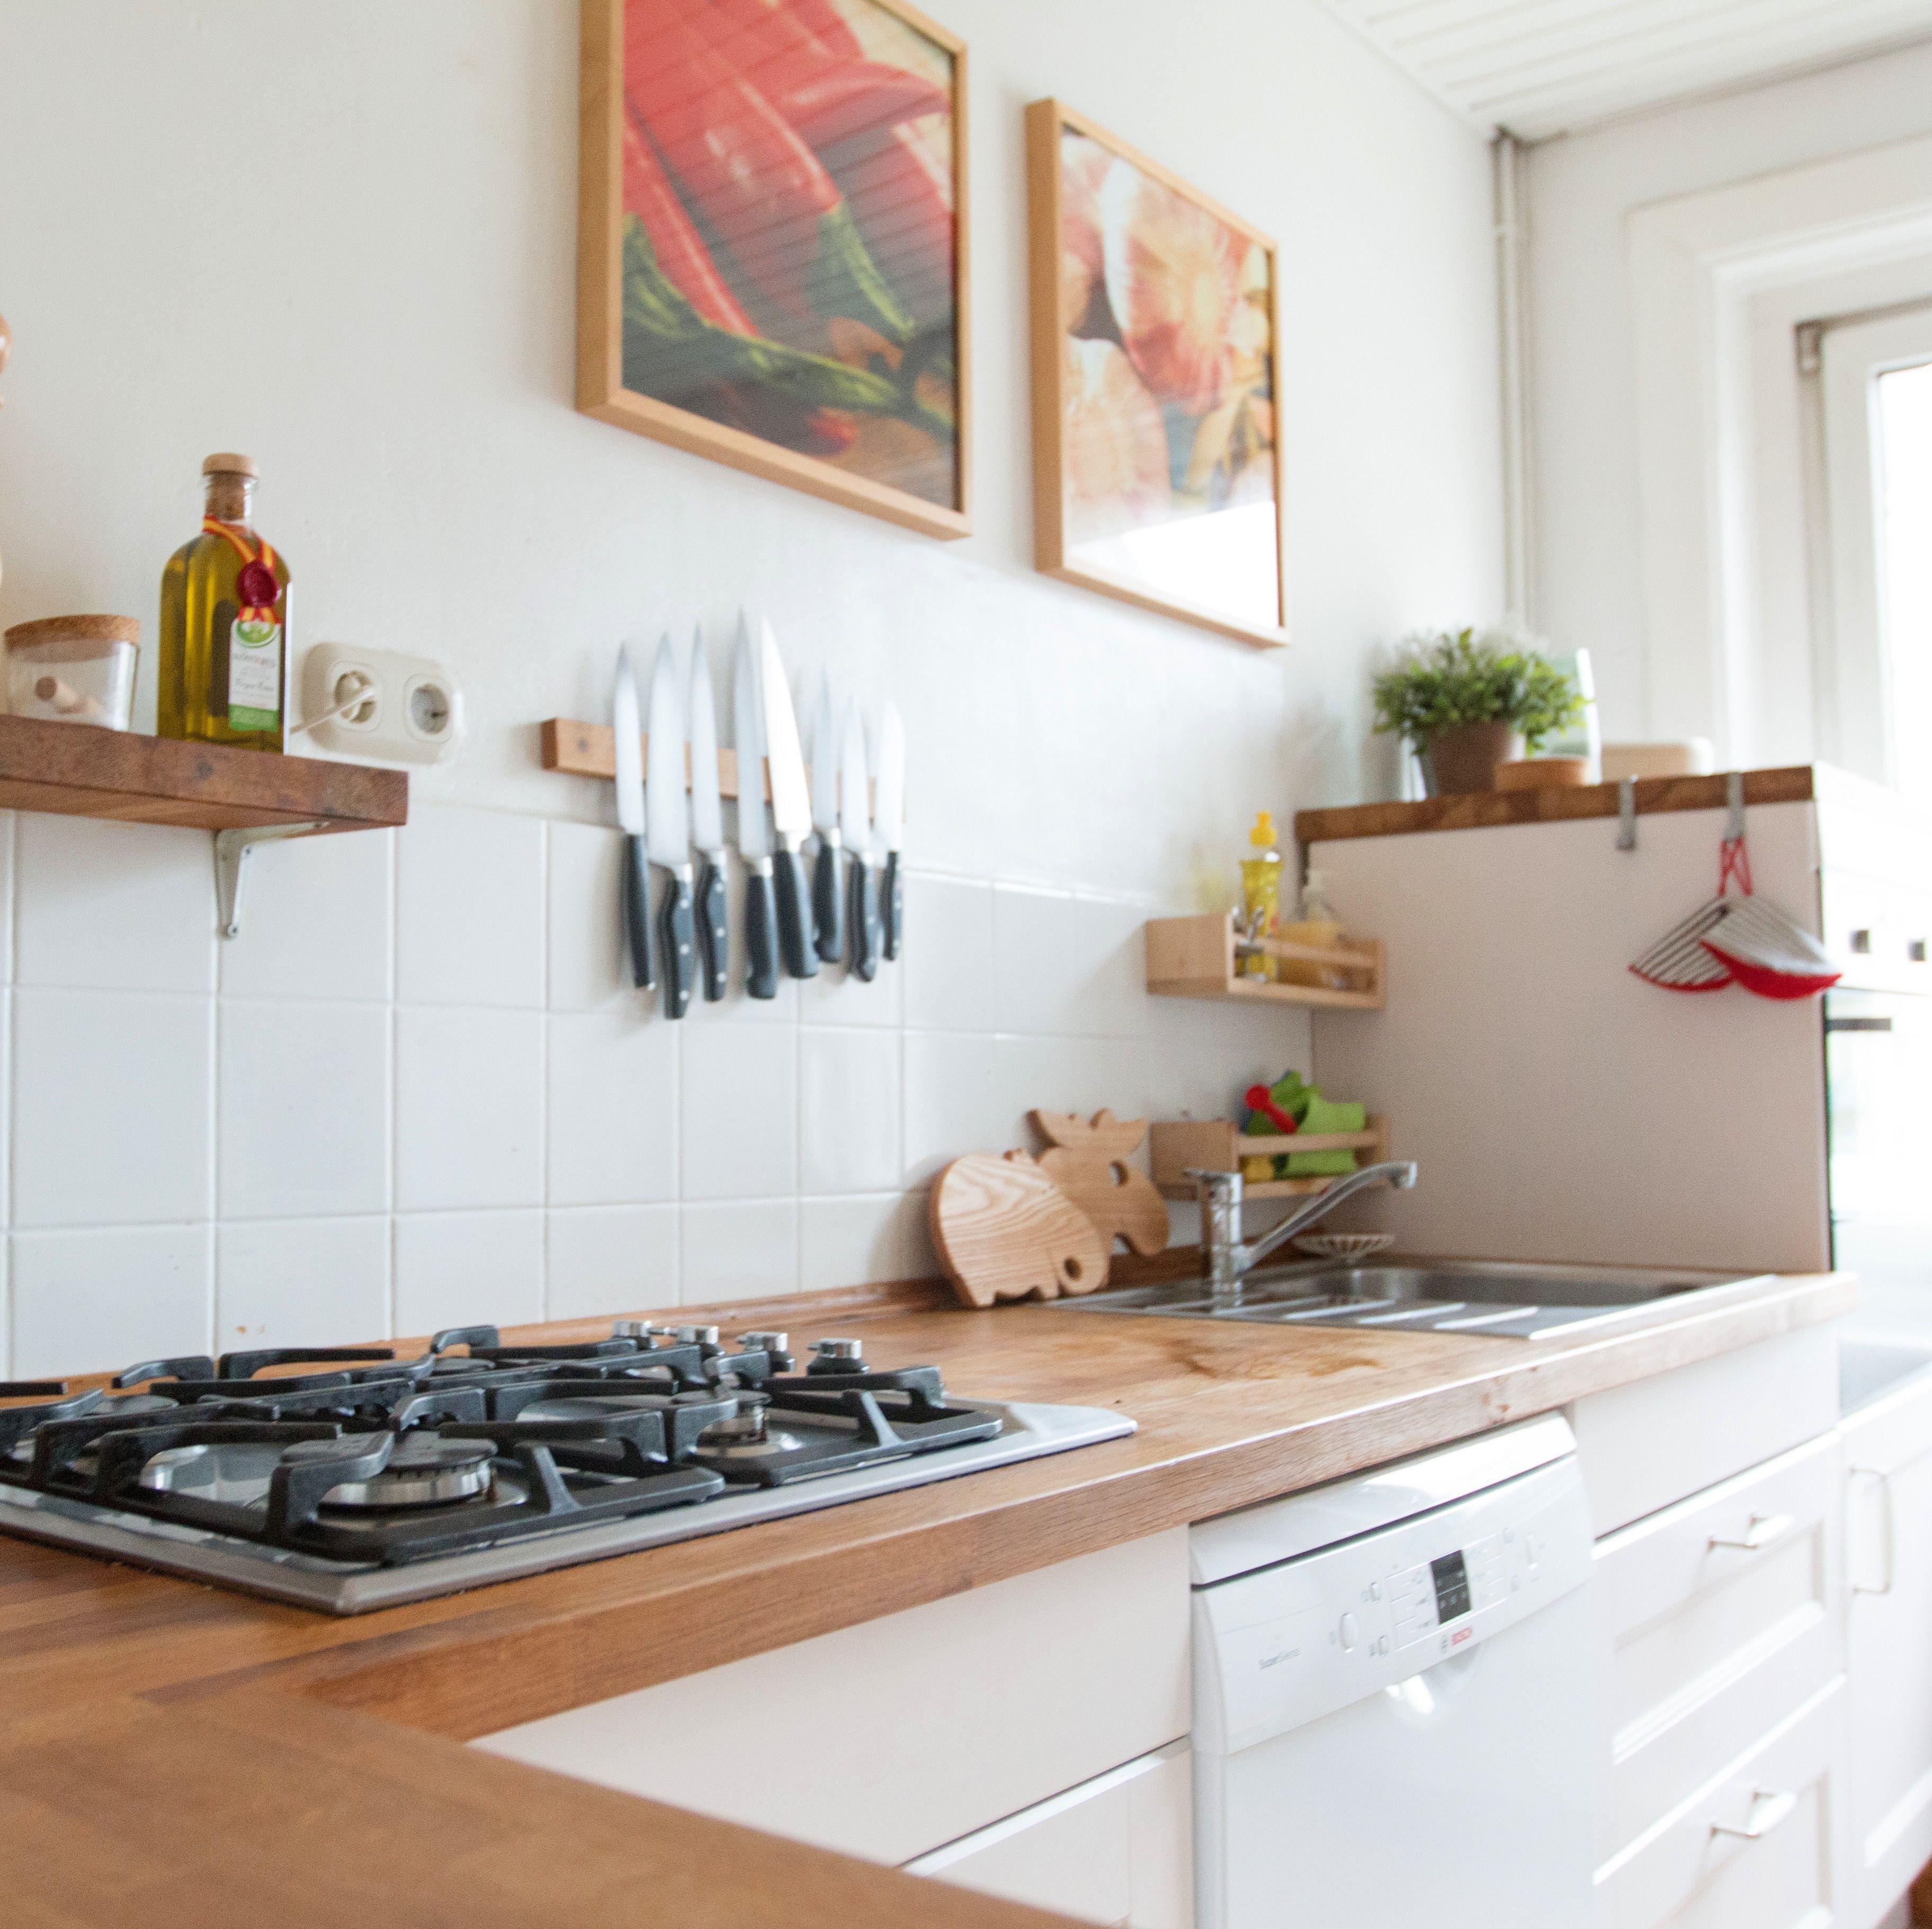 Groß Billige Kit Küchen Brisbane Fotos - Ideen Für Die Küche ...